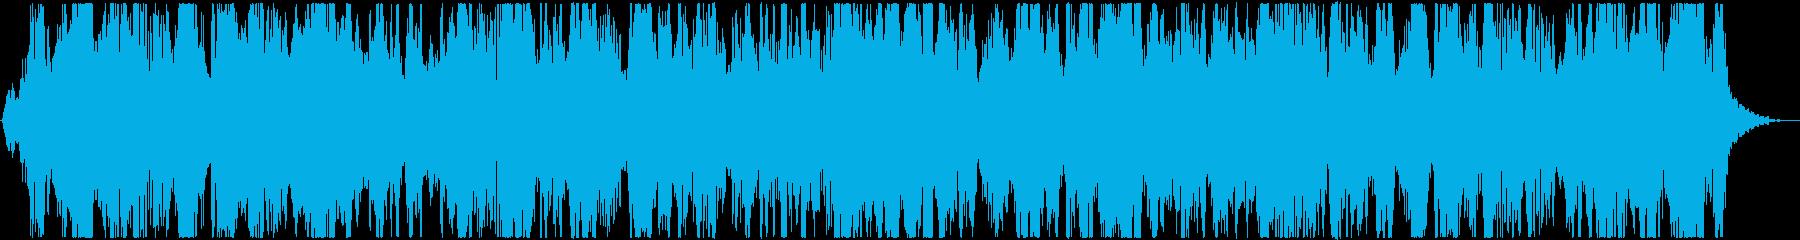 イメージ 地下鉄ハイ02の再生済みの波形